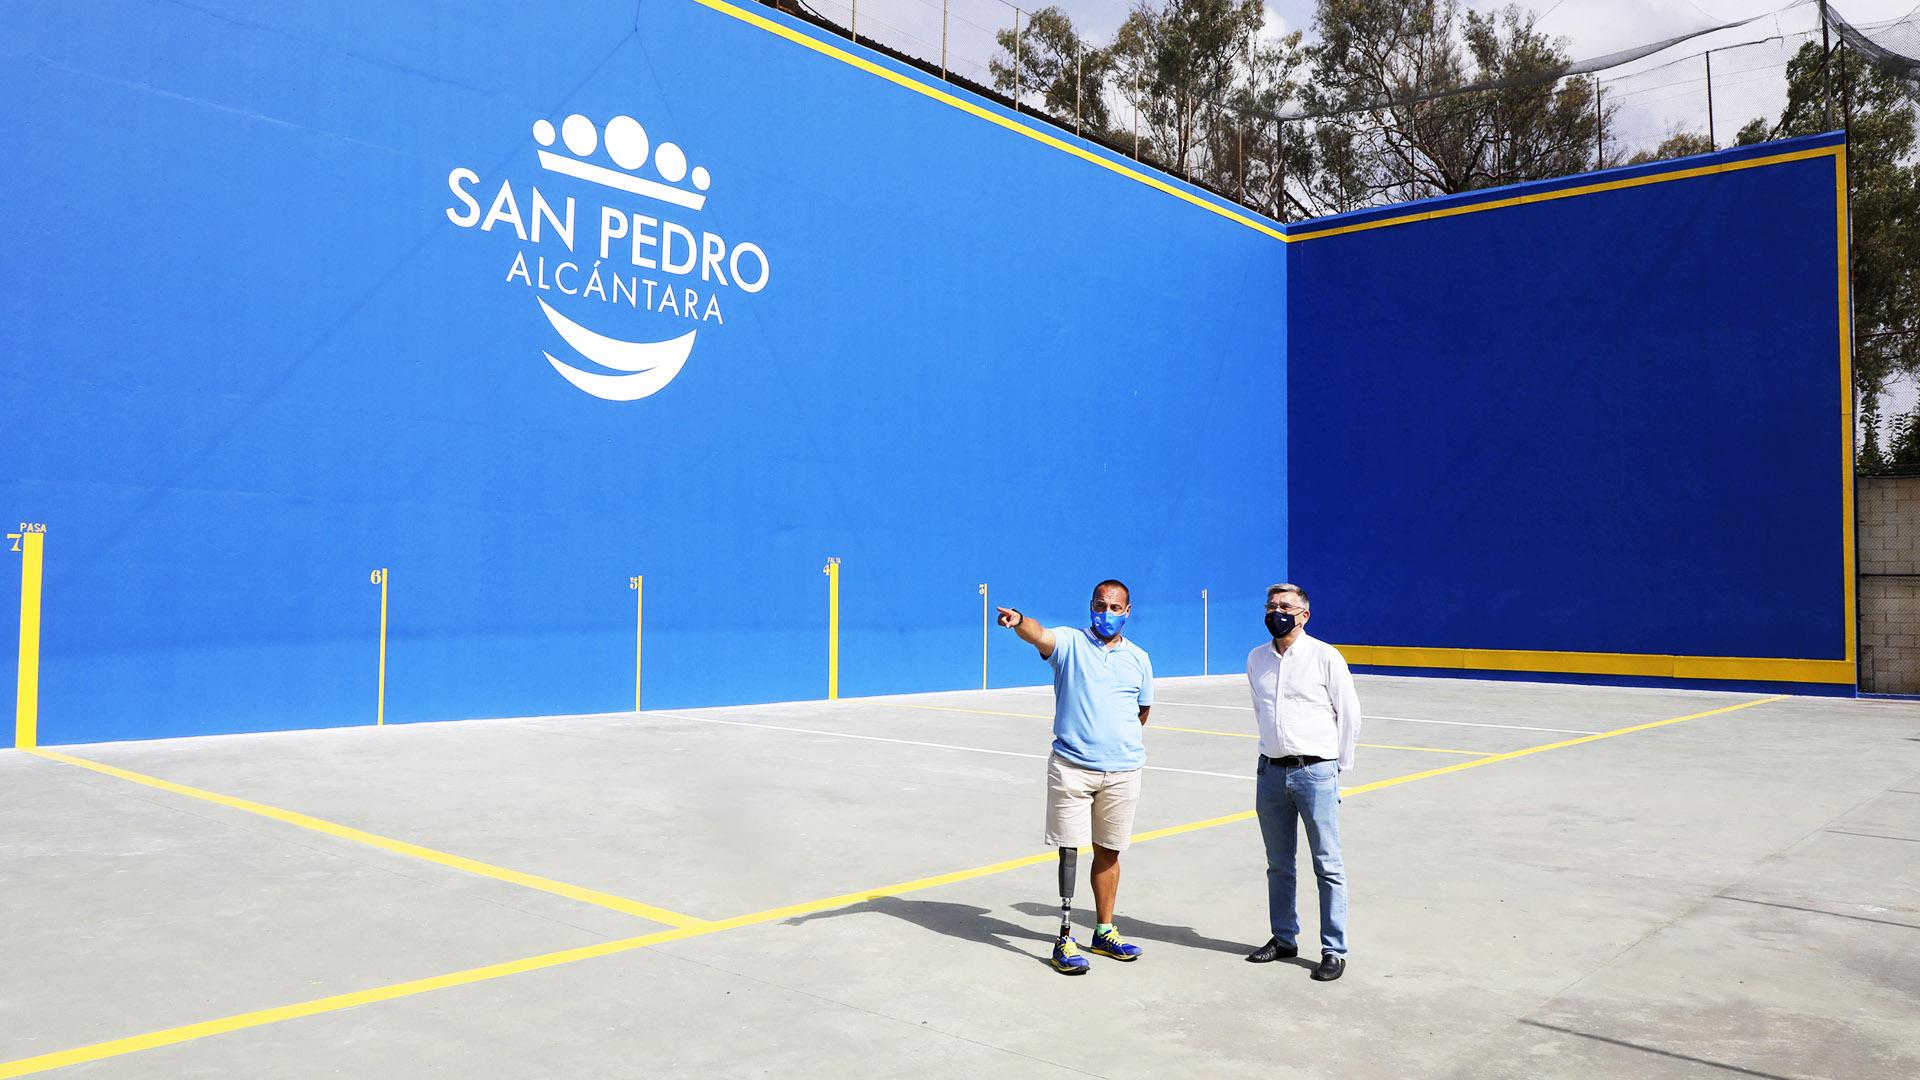 Renovada la pista de frontón del Elena Benítez de San Pedro Alcántara